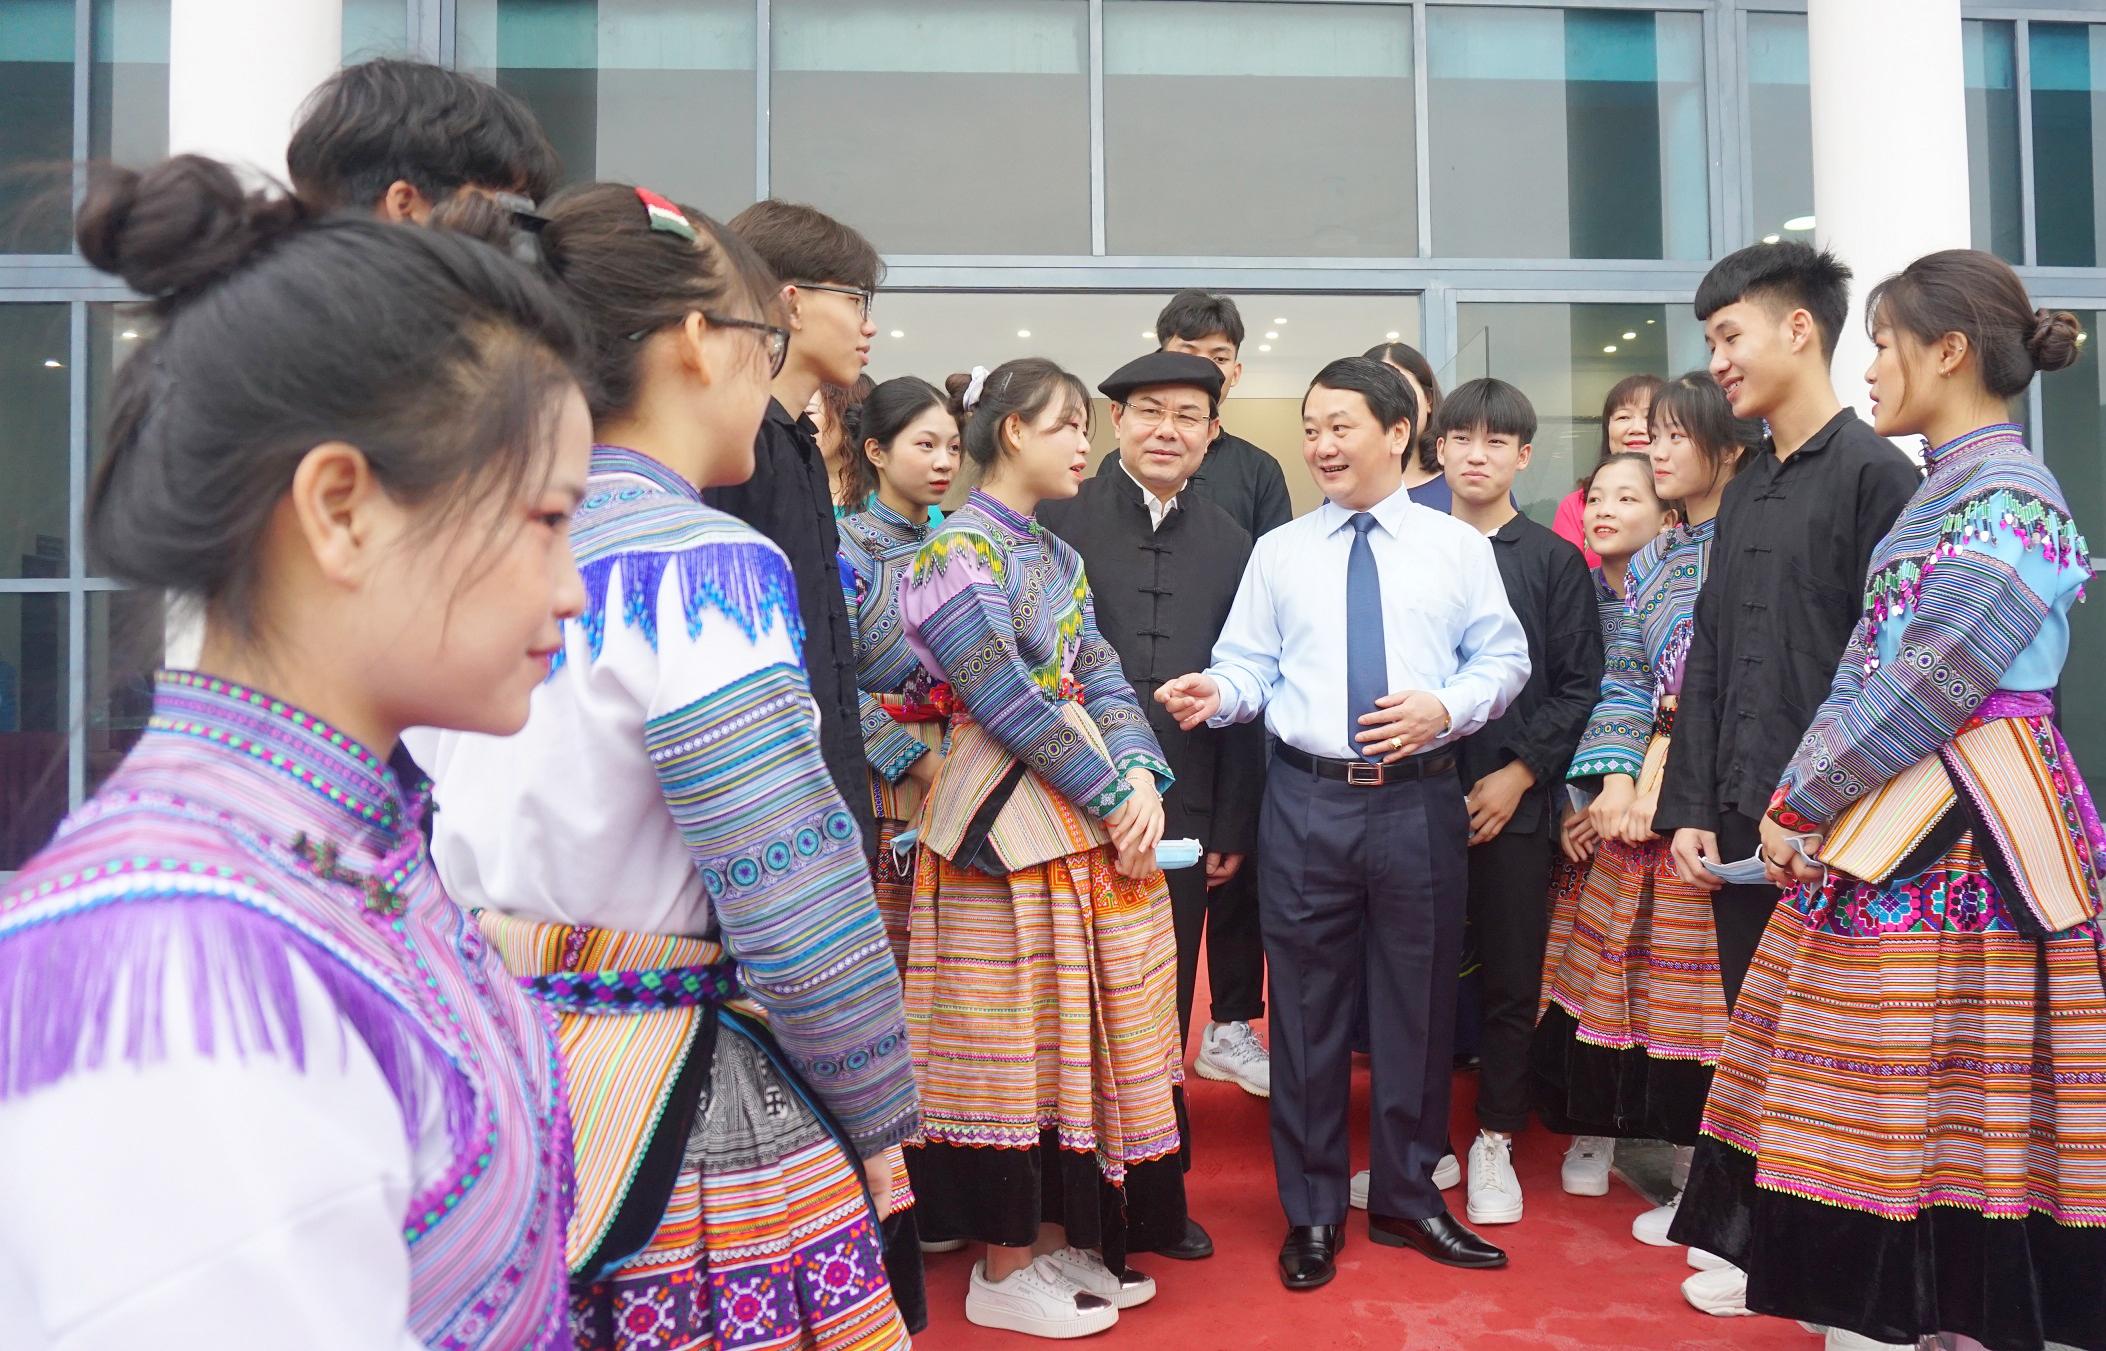 Bộ trưởng, Chủ nhiệm Hầu A Lềnh ân cần thăm hỏi các em học sinh Trường Phổ thông Dân tộc Nội trú tỉnh Lào Cai bên lề buổi Gặp mặt